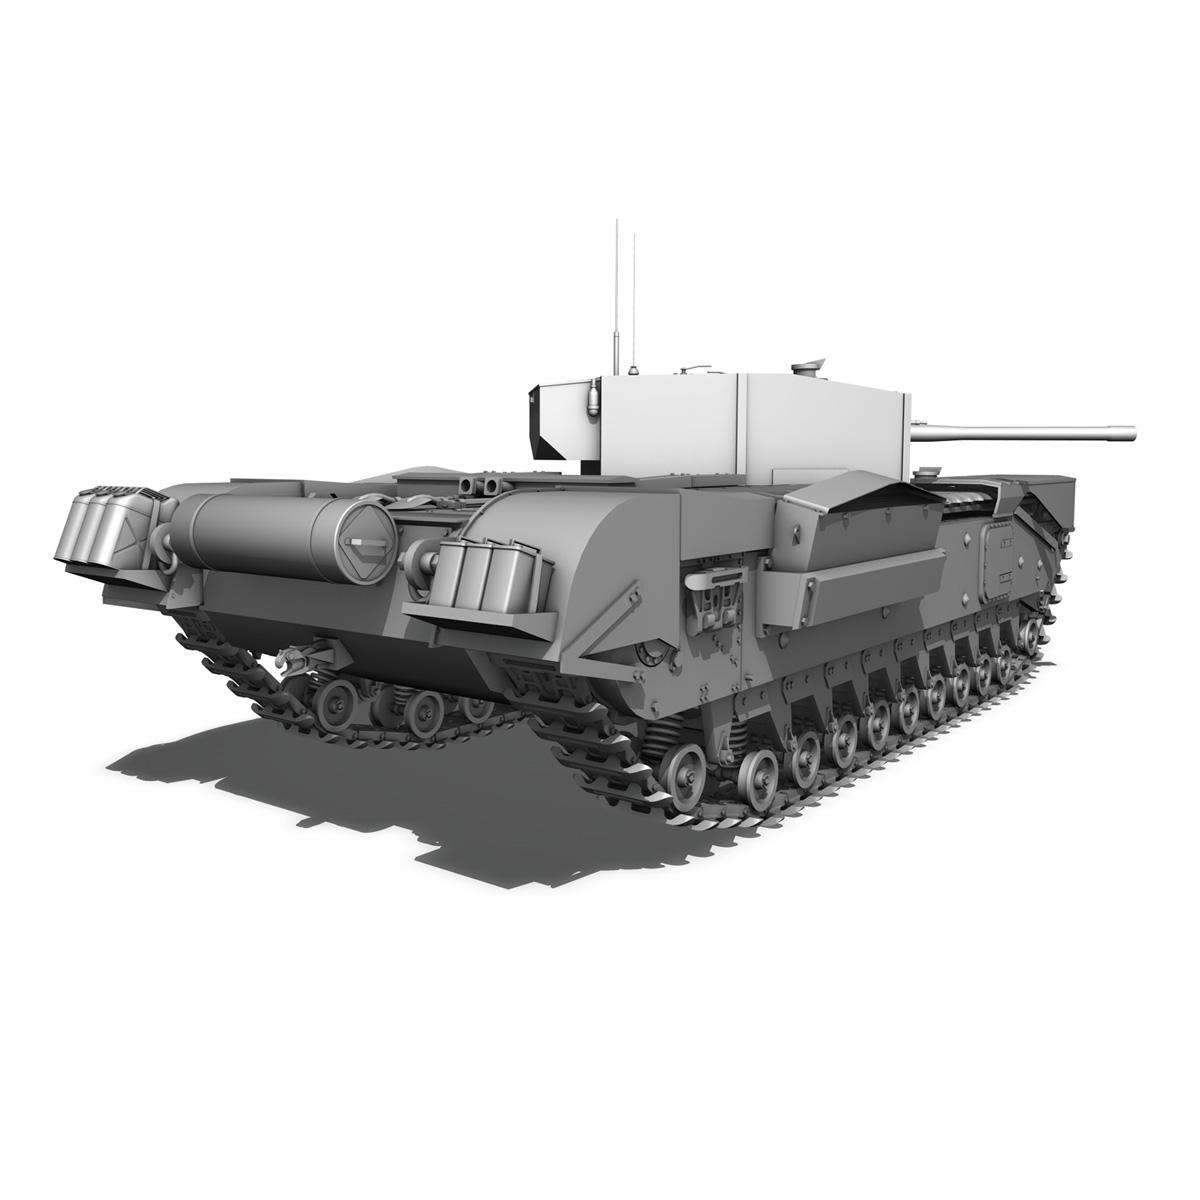 churchill infantry tank mk.iii 3d model 3ds fbx c4d lwo obj 271965